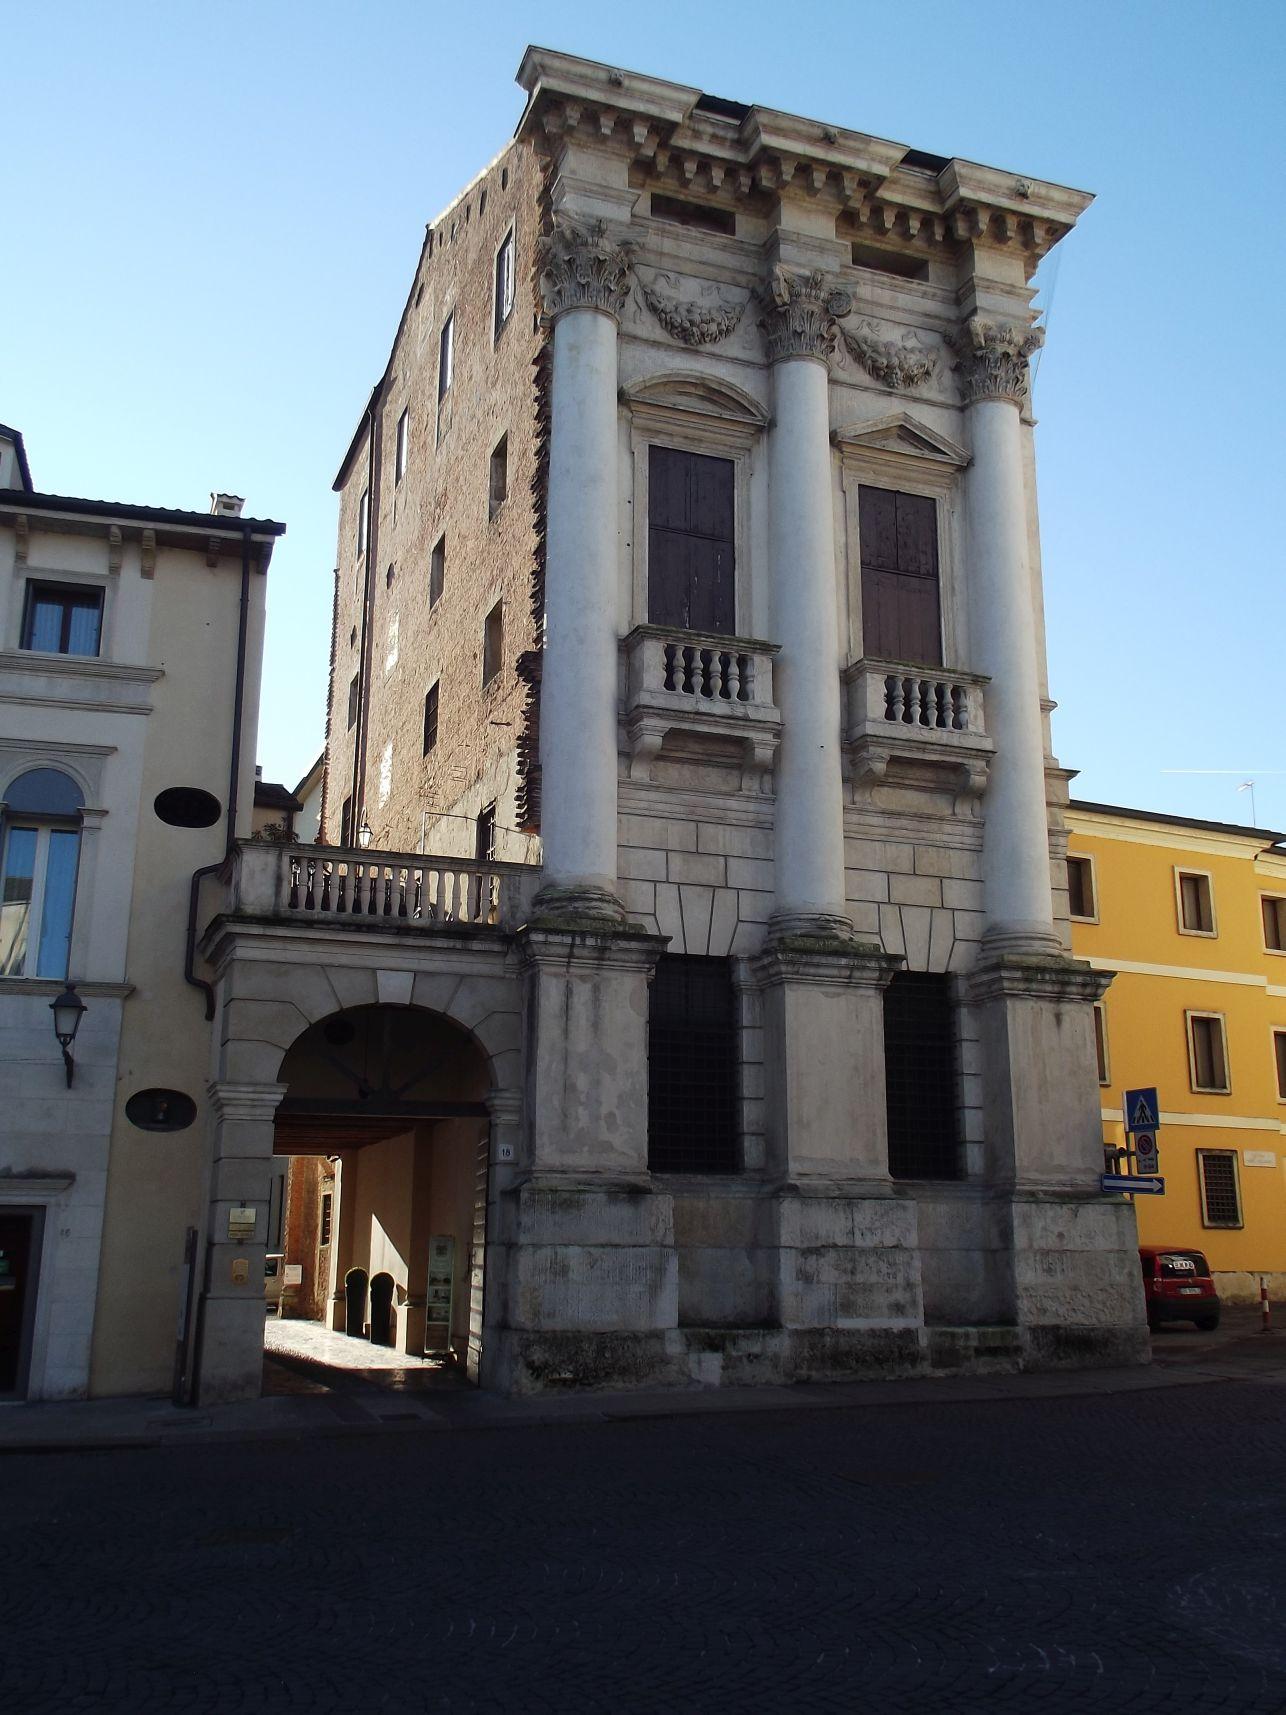 A Palazzo Porto Breganze